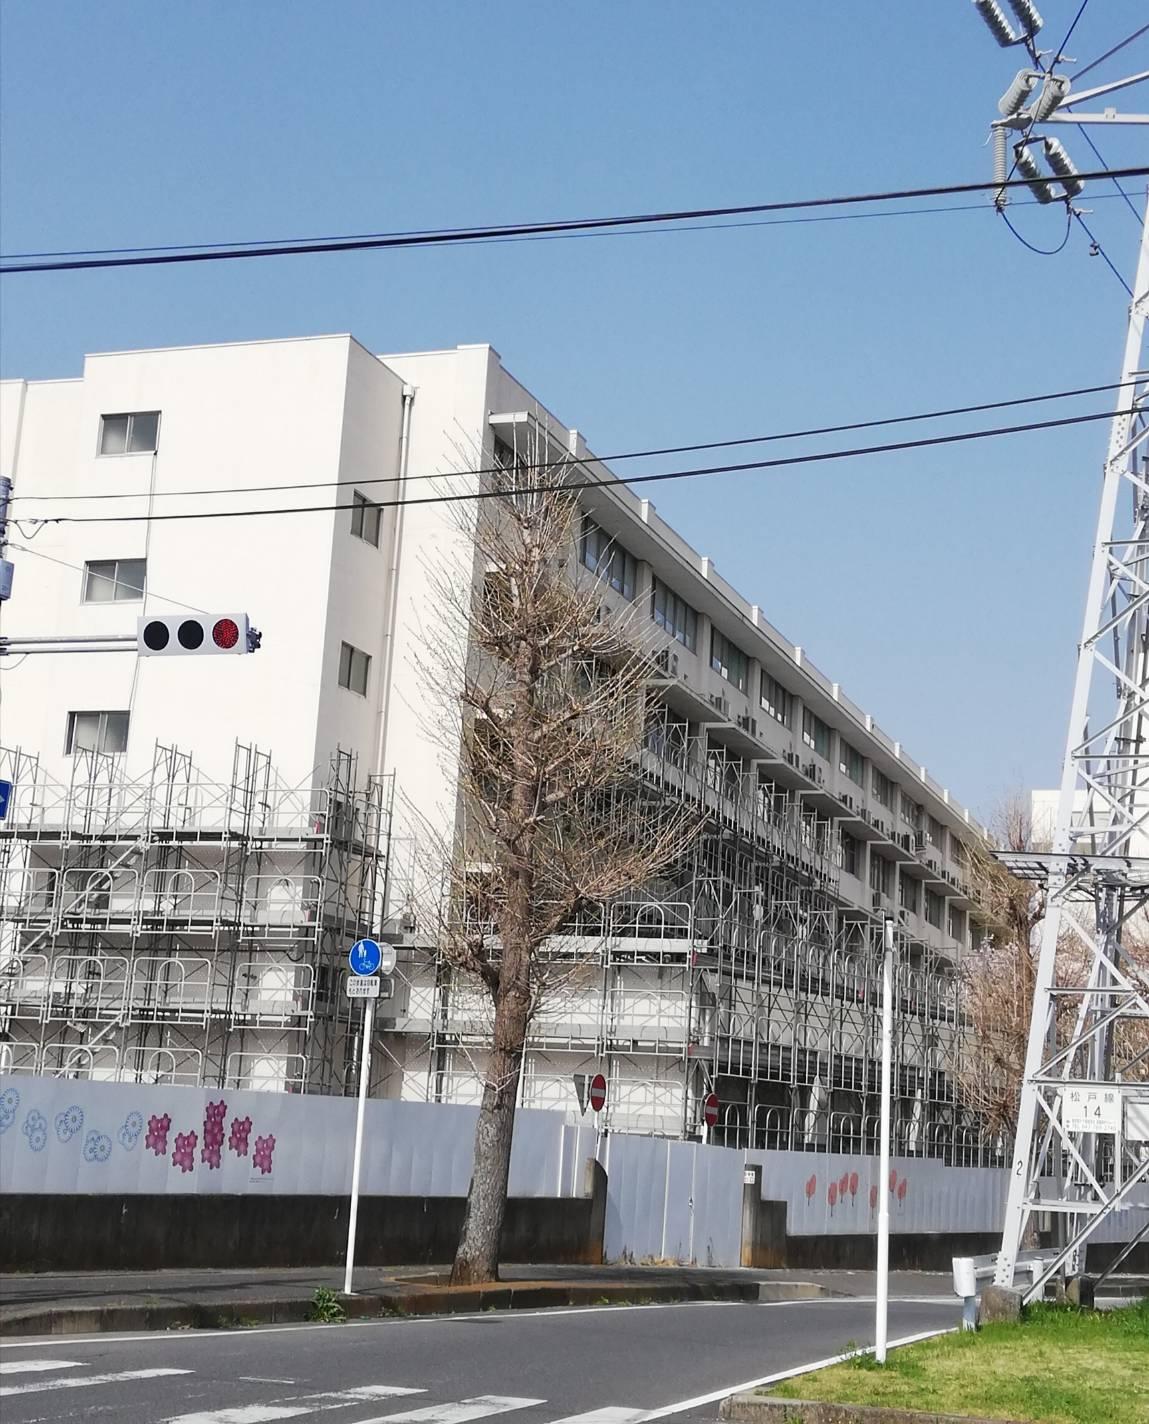 ヤオコー松戸上本郷ショッピングセンター(旧松戸市立病院)